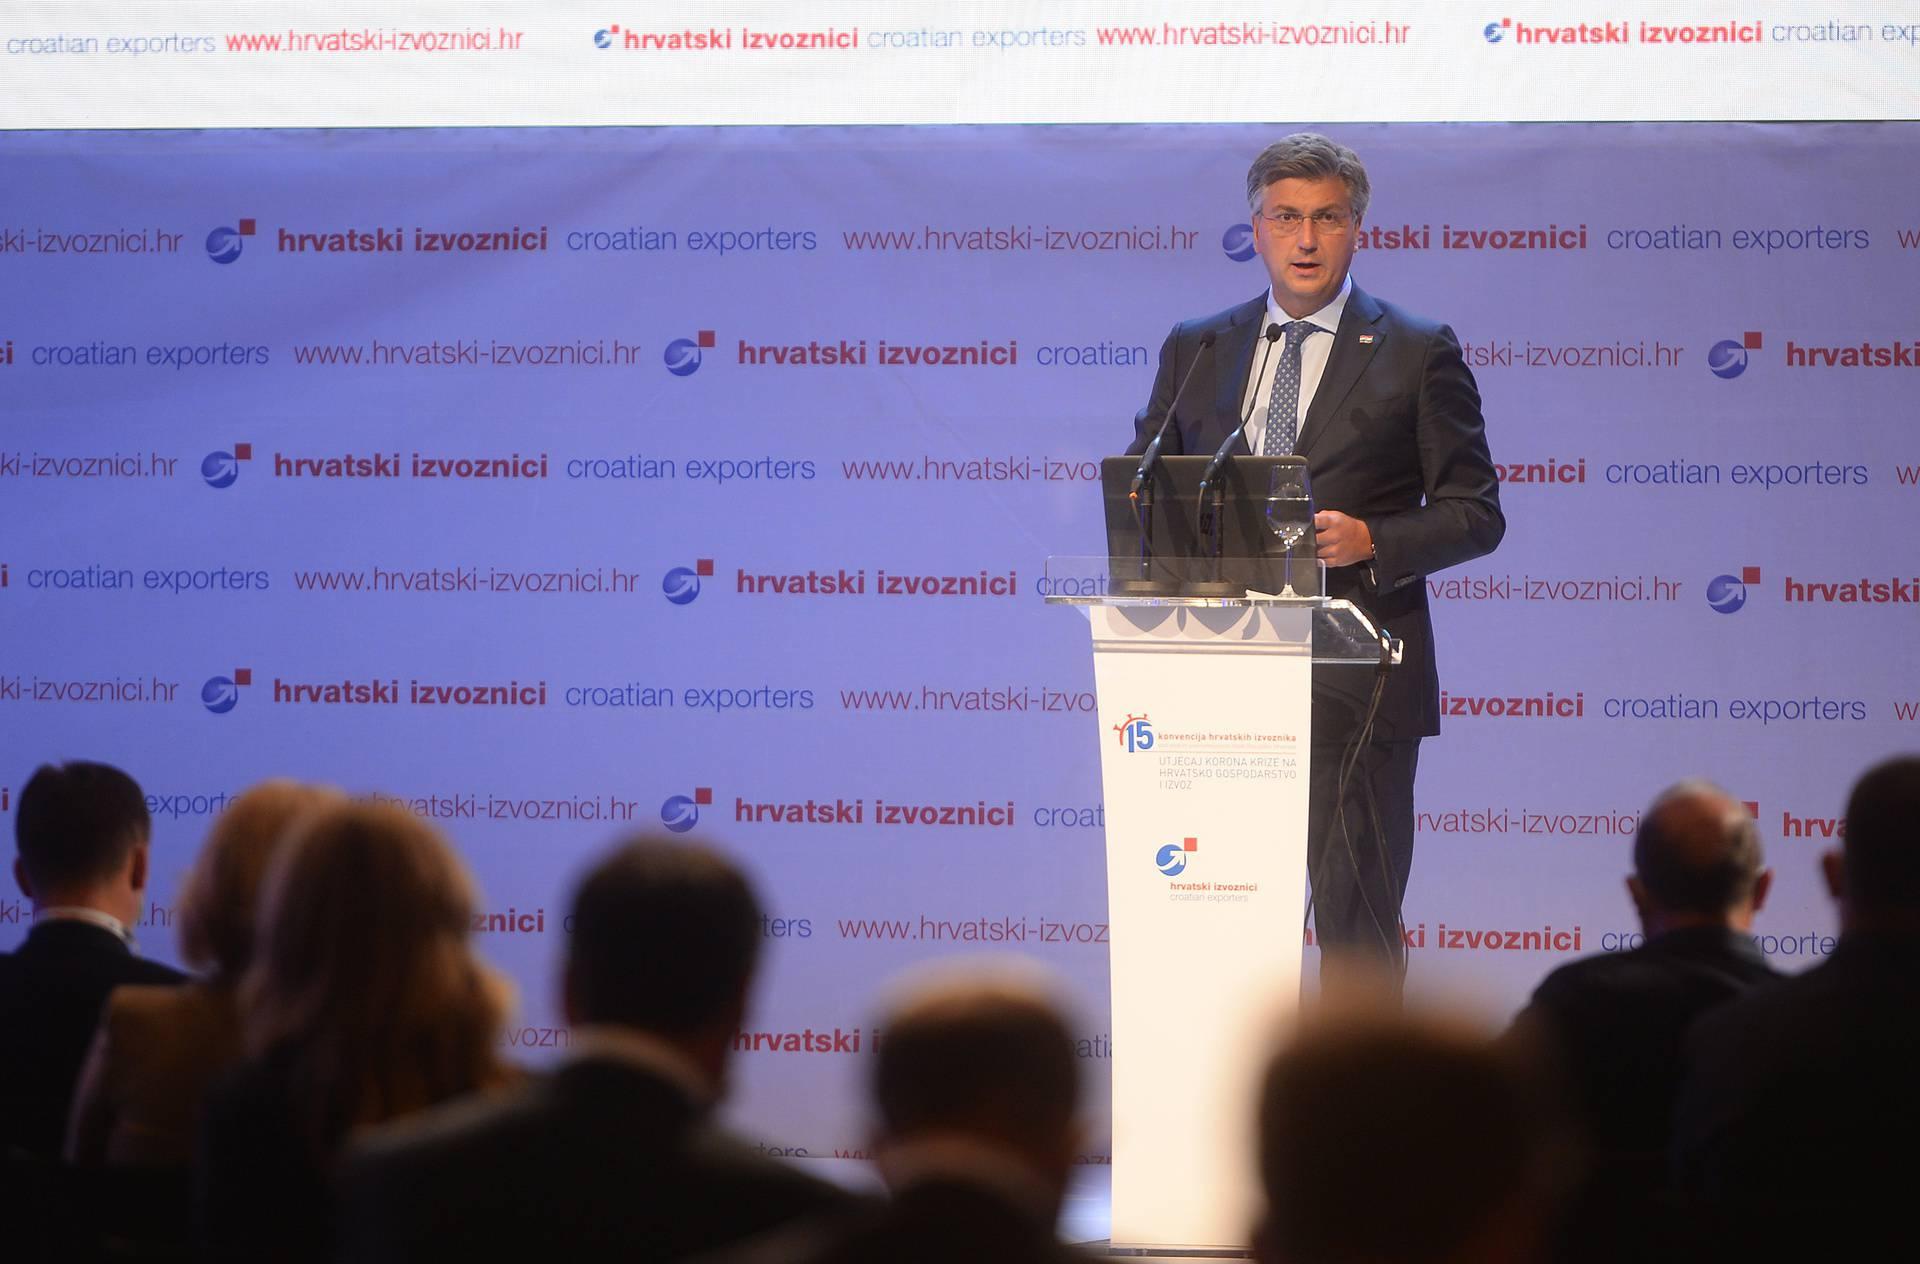 Plenković: 'Naš je cilj povećati broj izvoznika i poticati izvozno orijentiranu industriju'